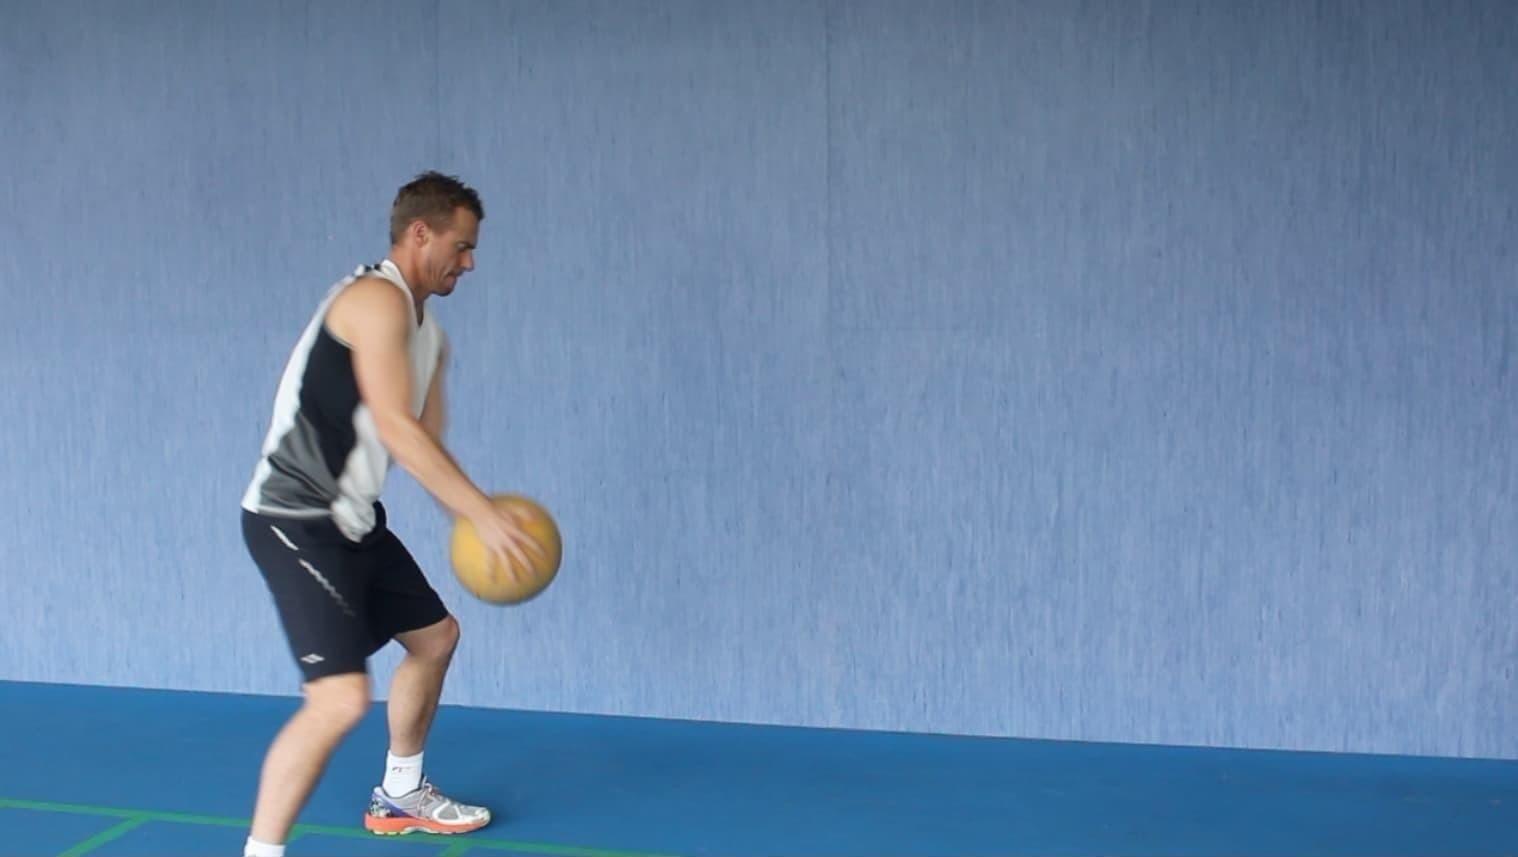 tennis-power-medicine-ball